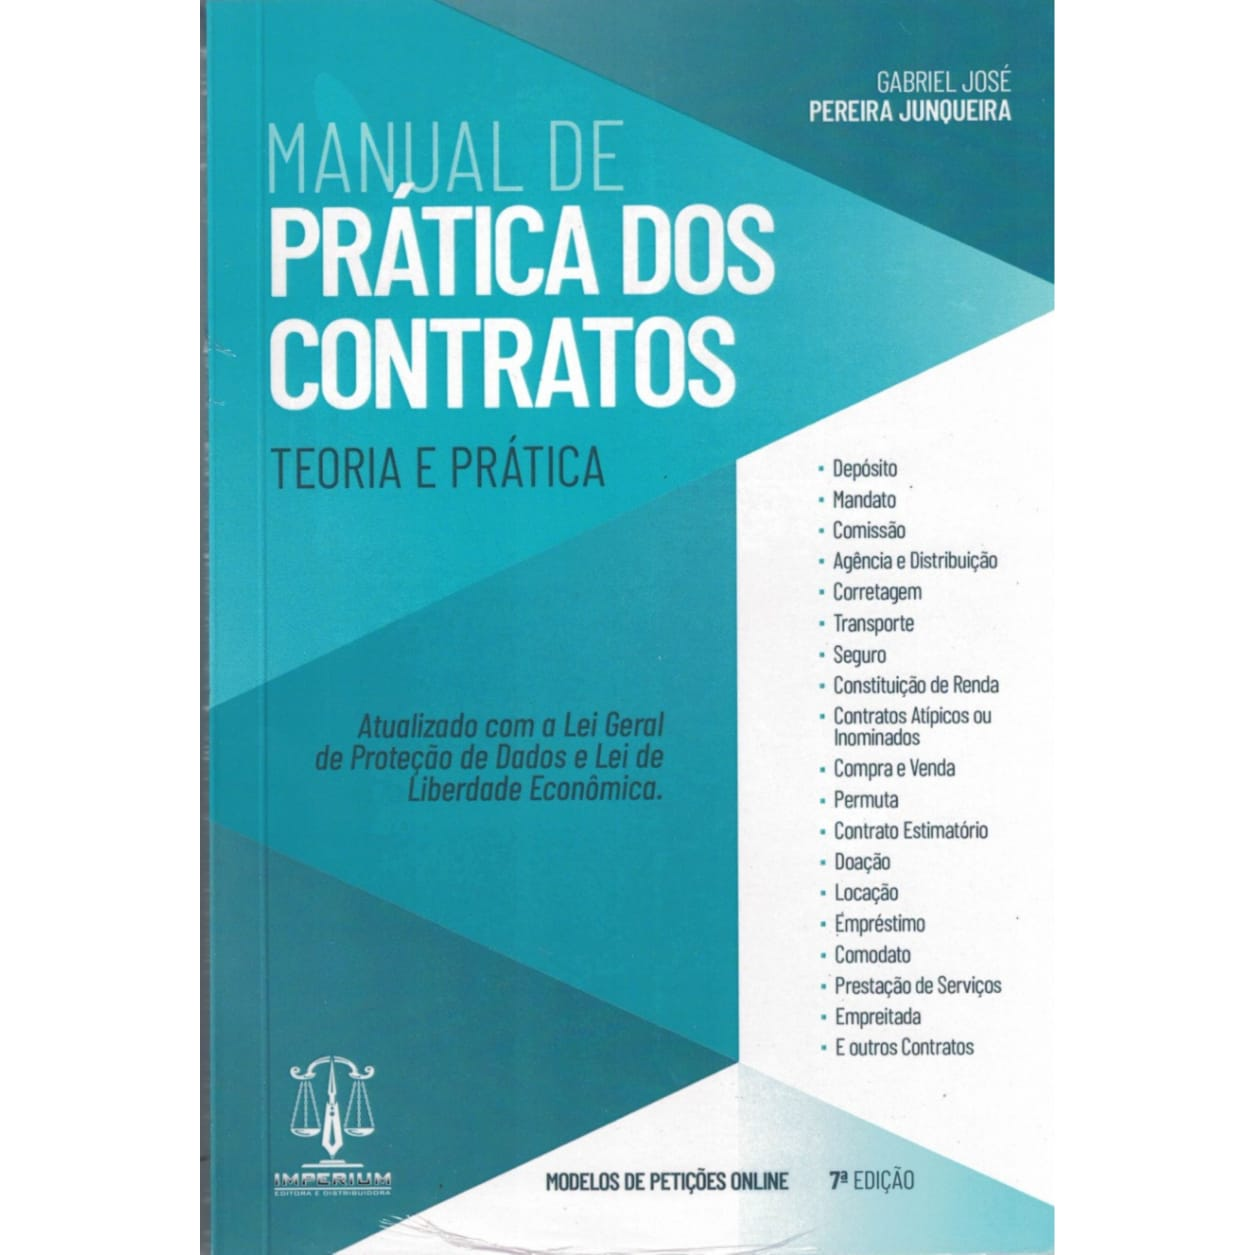 Manual De Prática Dos Contratos - Teoria E Prática - 7a. Edição